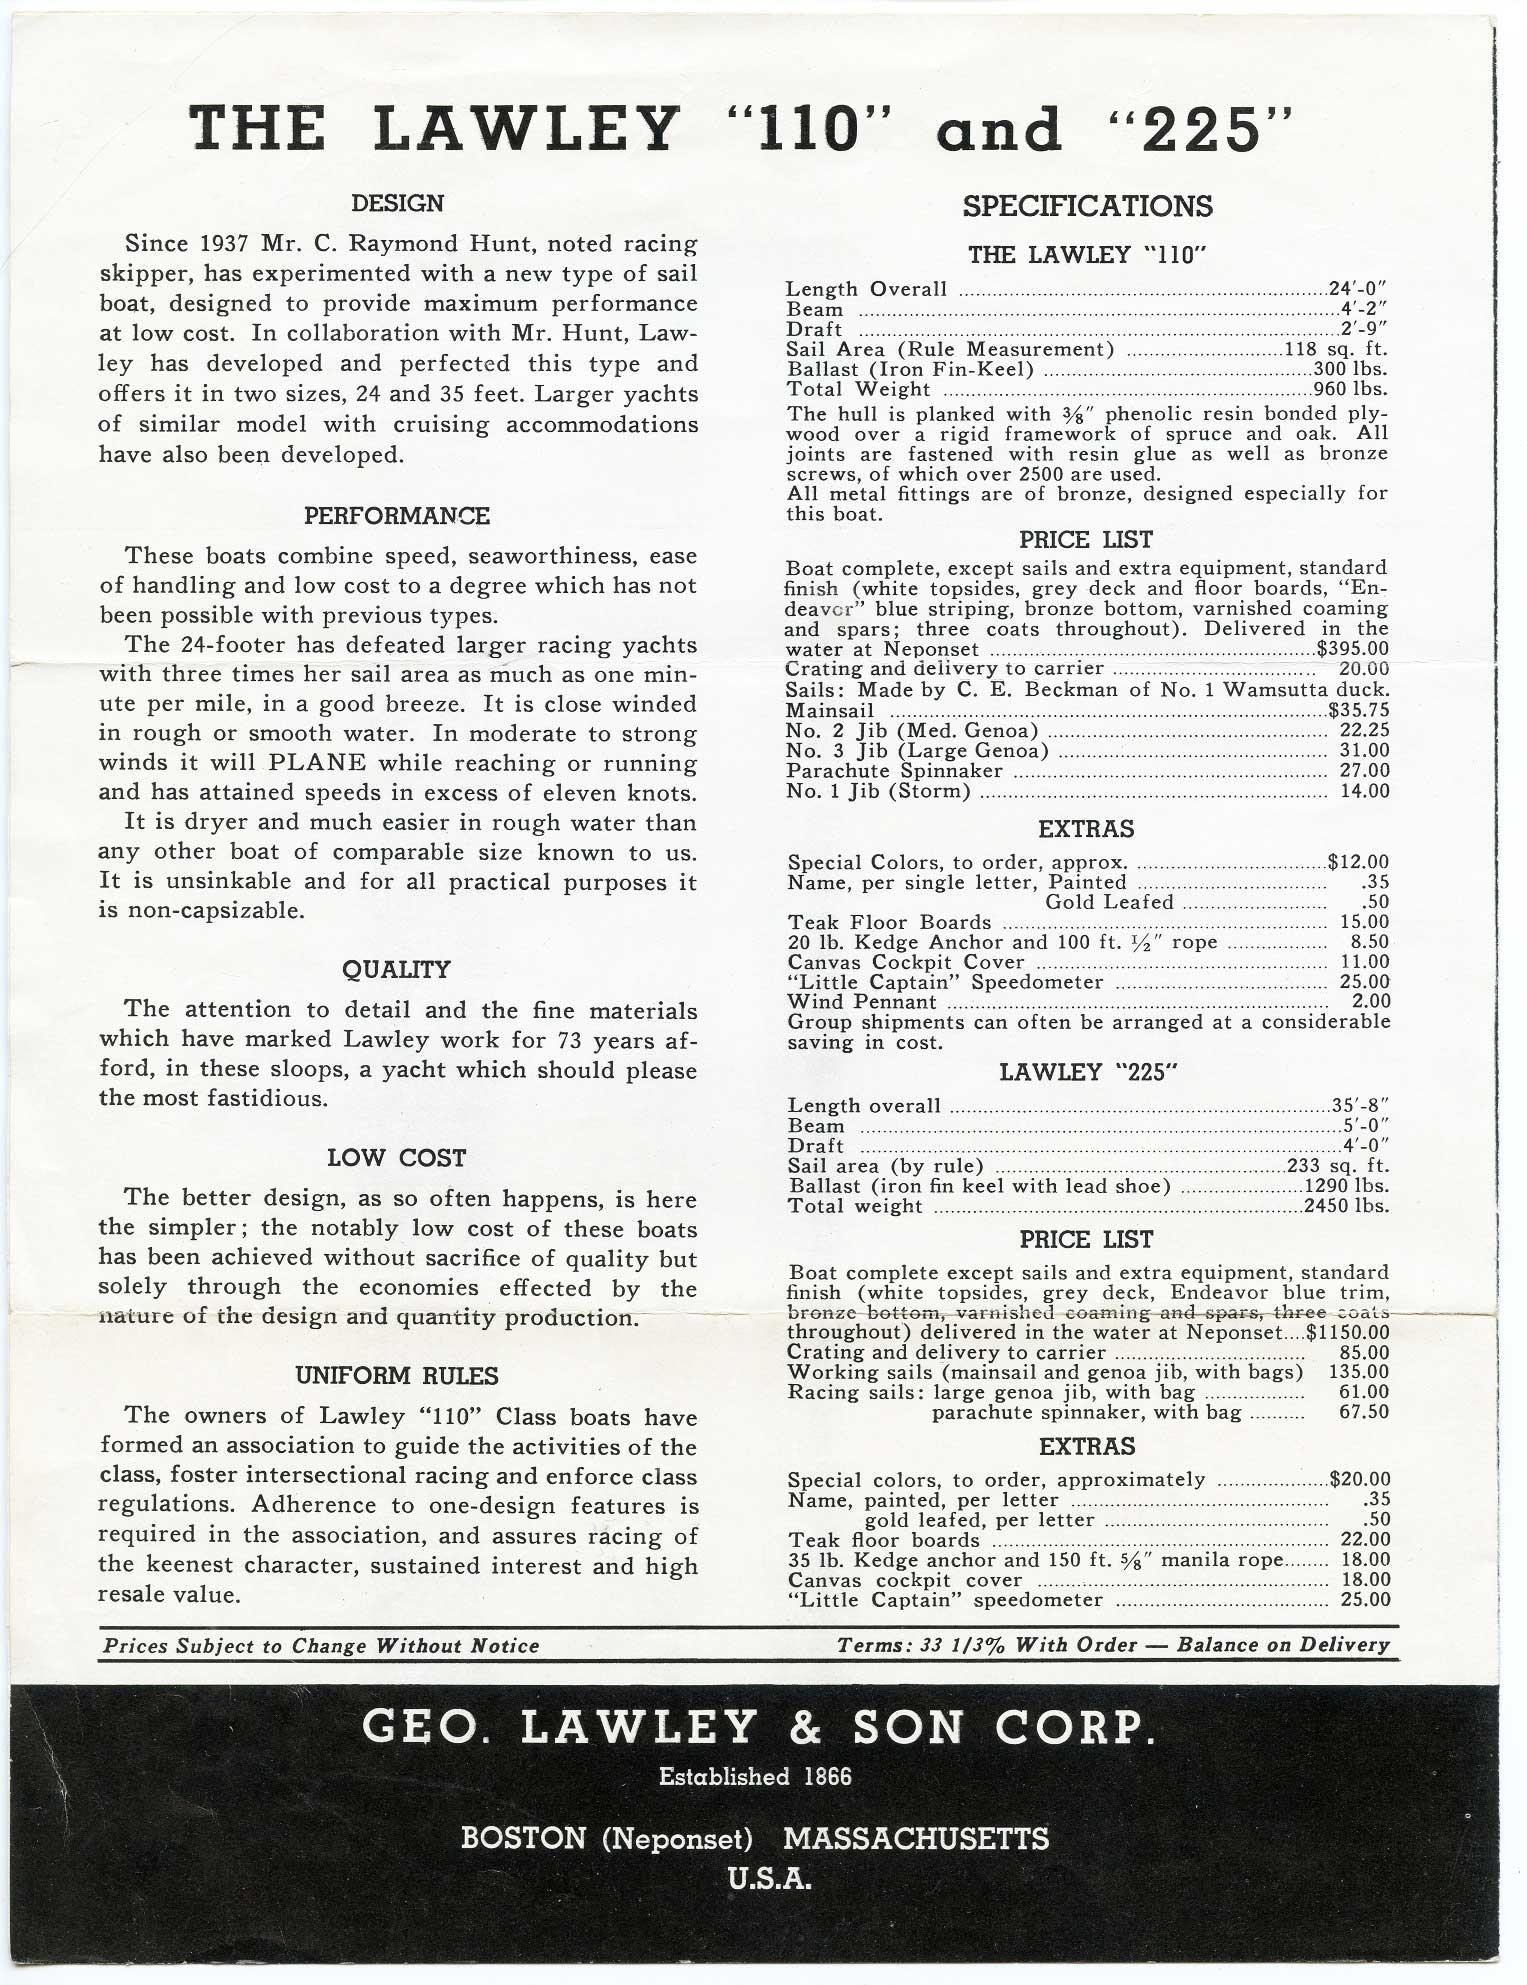 lawley225brochure